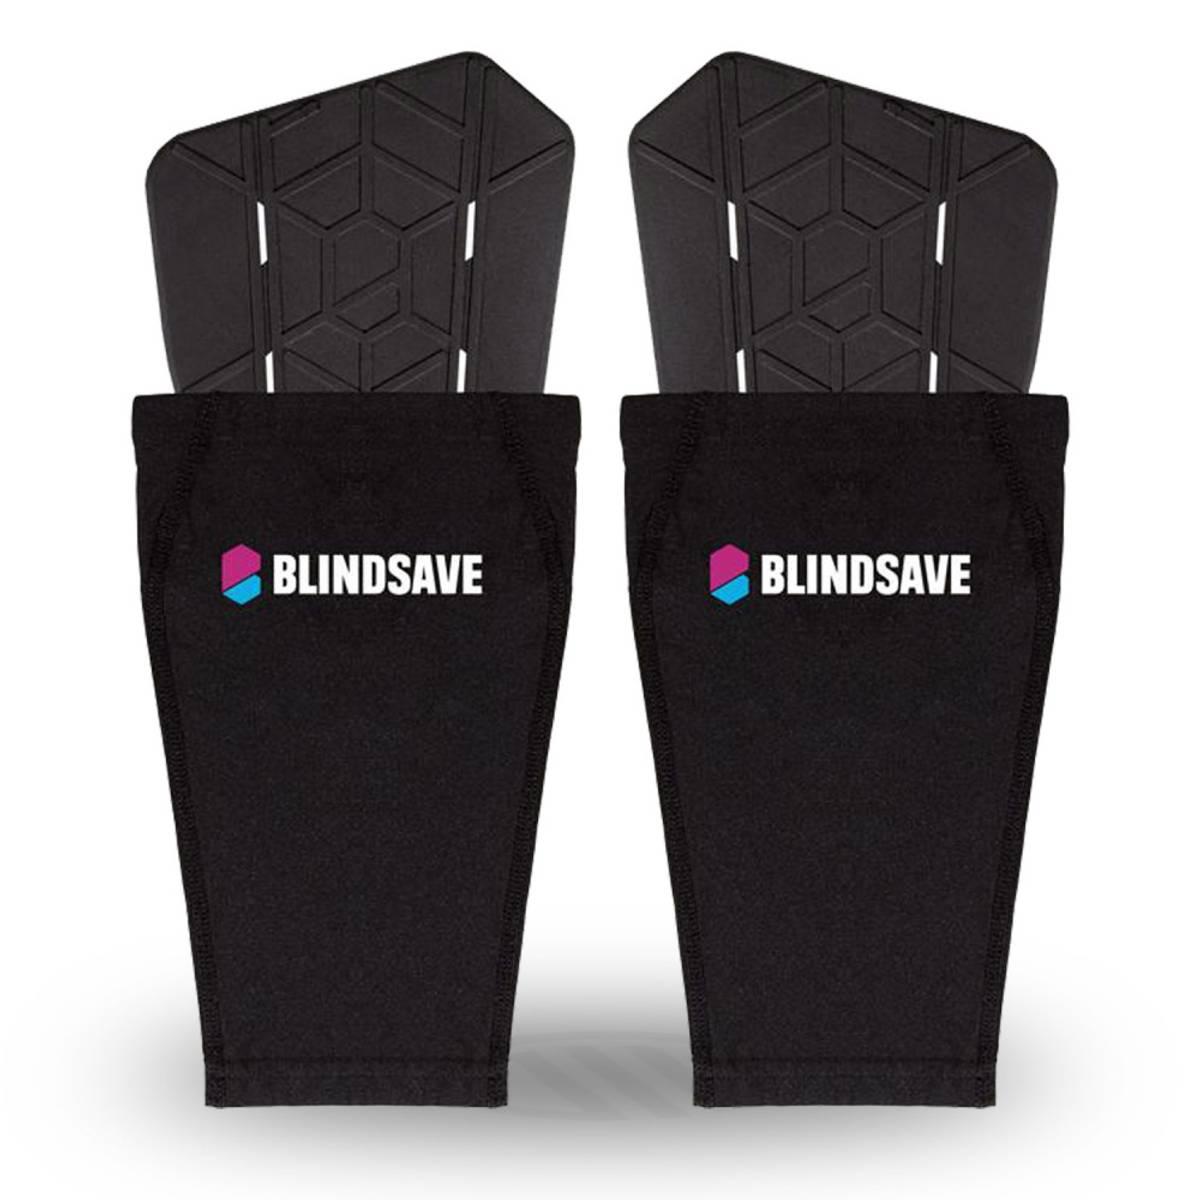 Blindsave Premium leggskinn